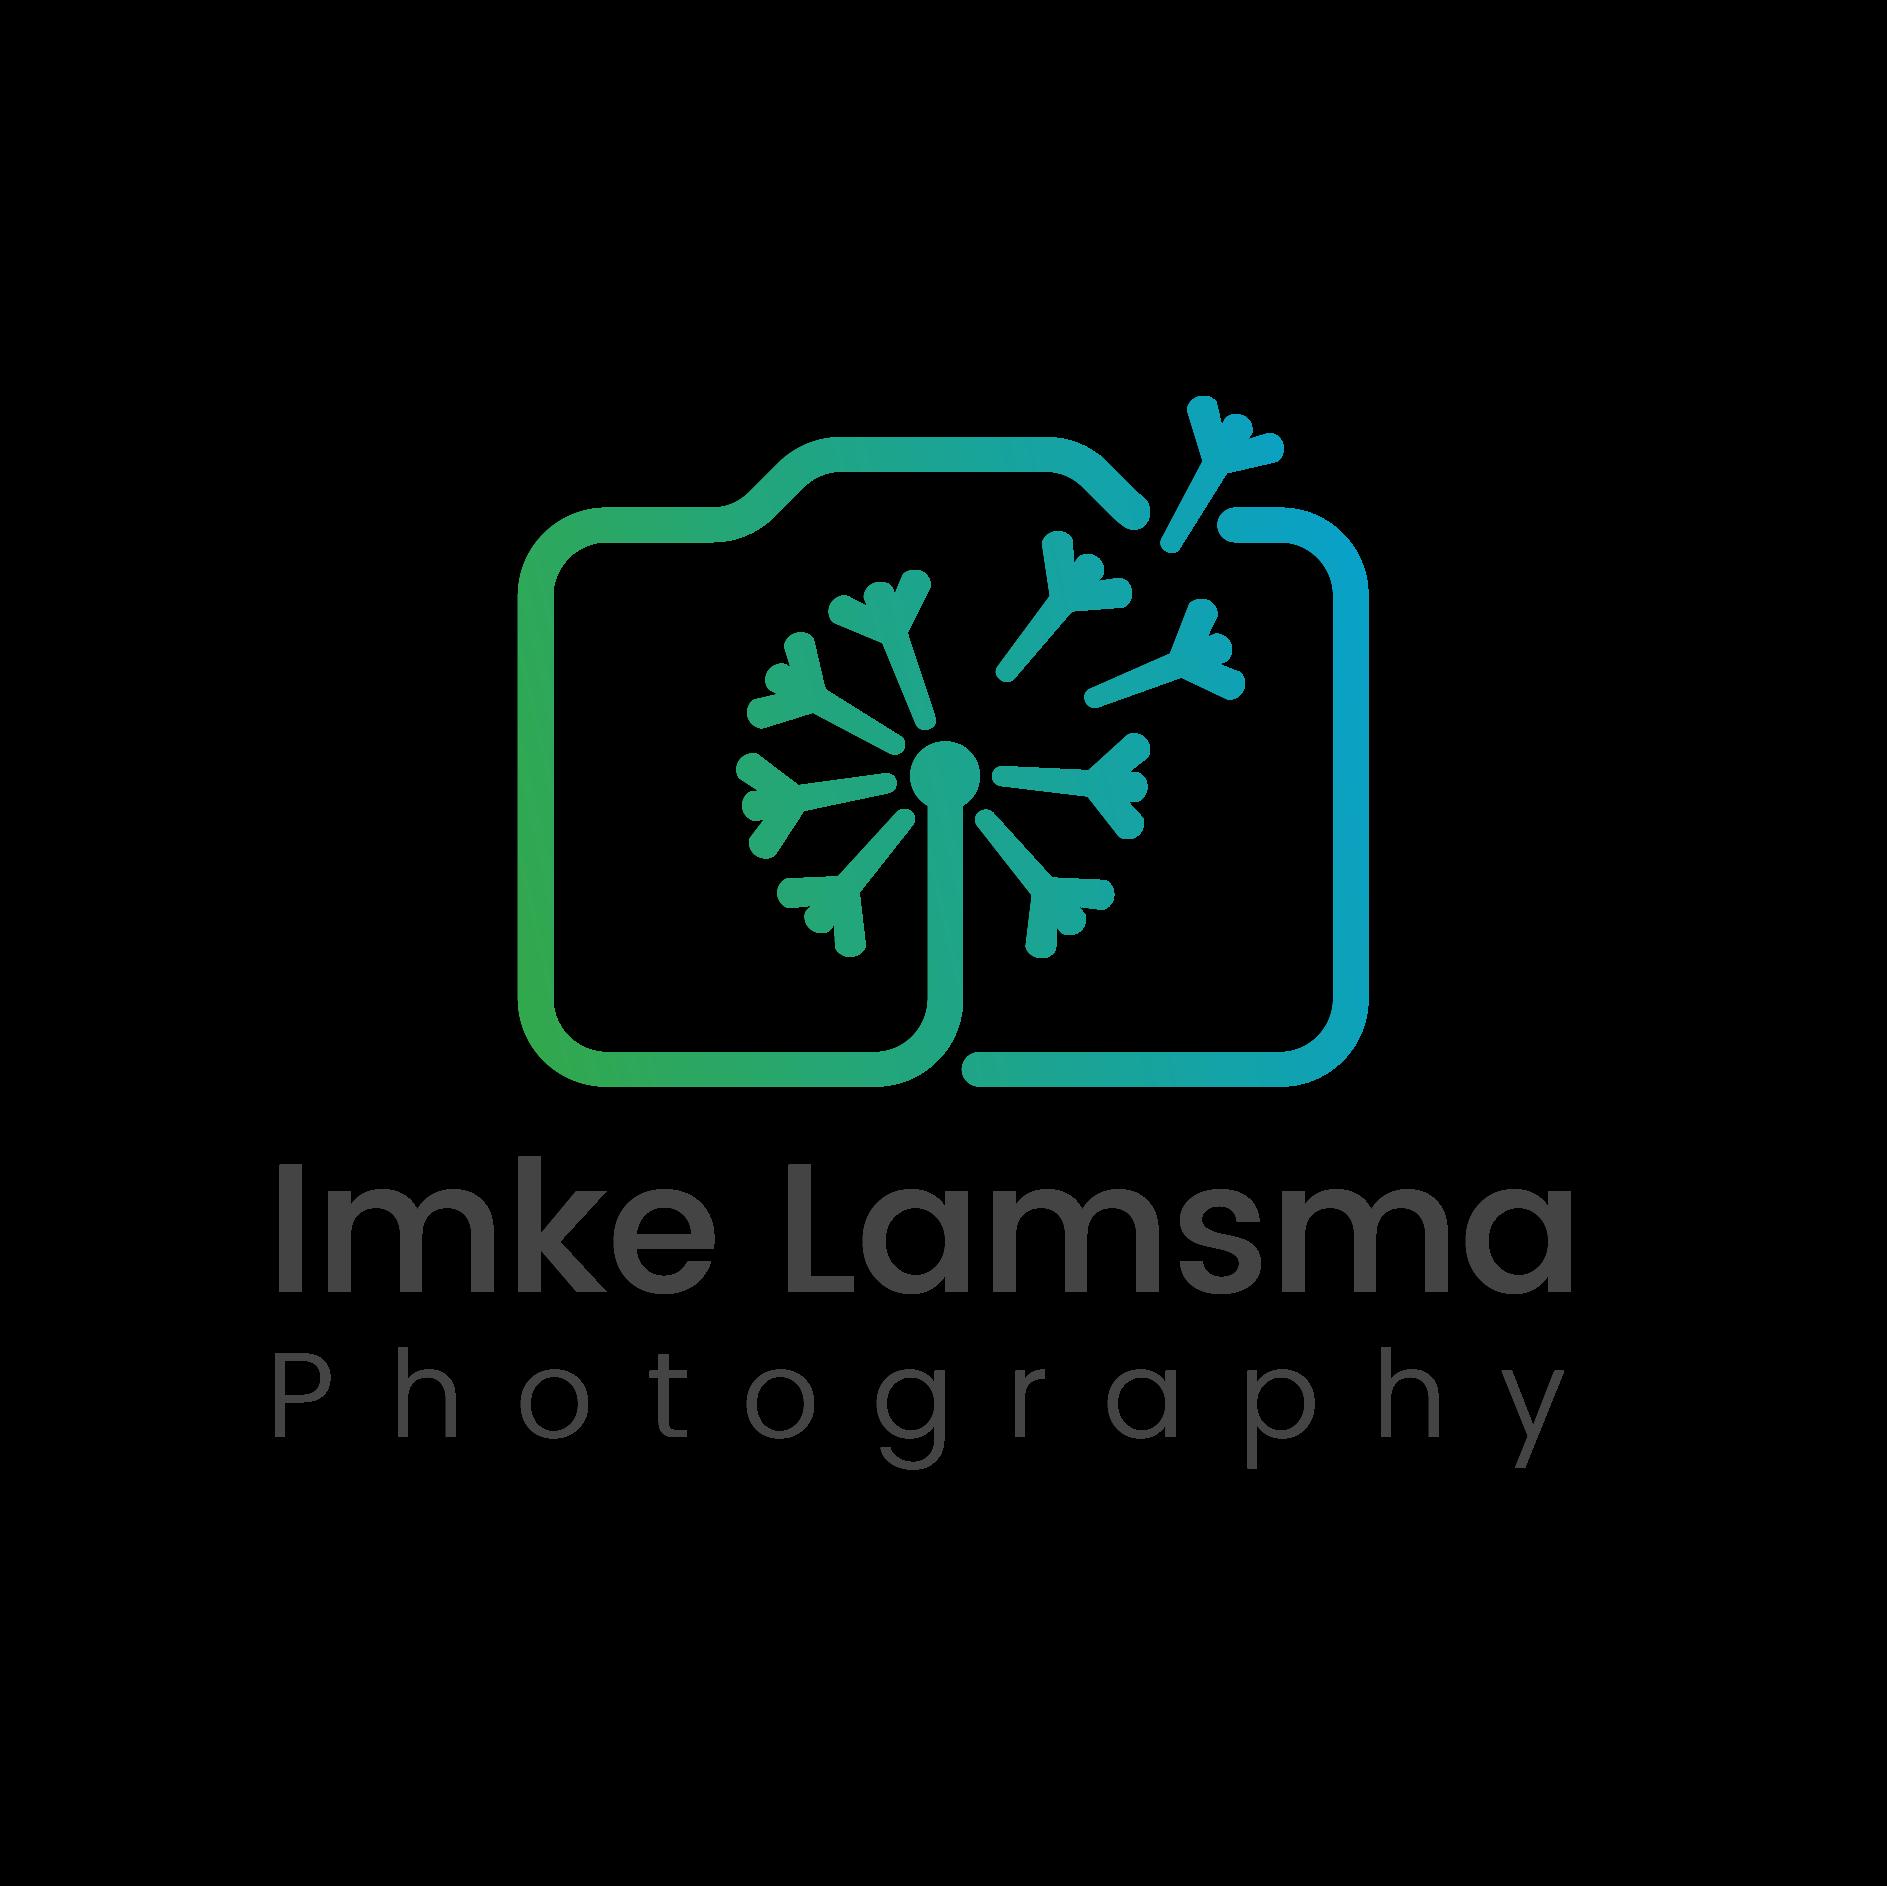 Imke Lamsma Photography